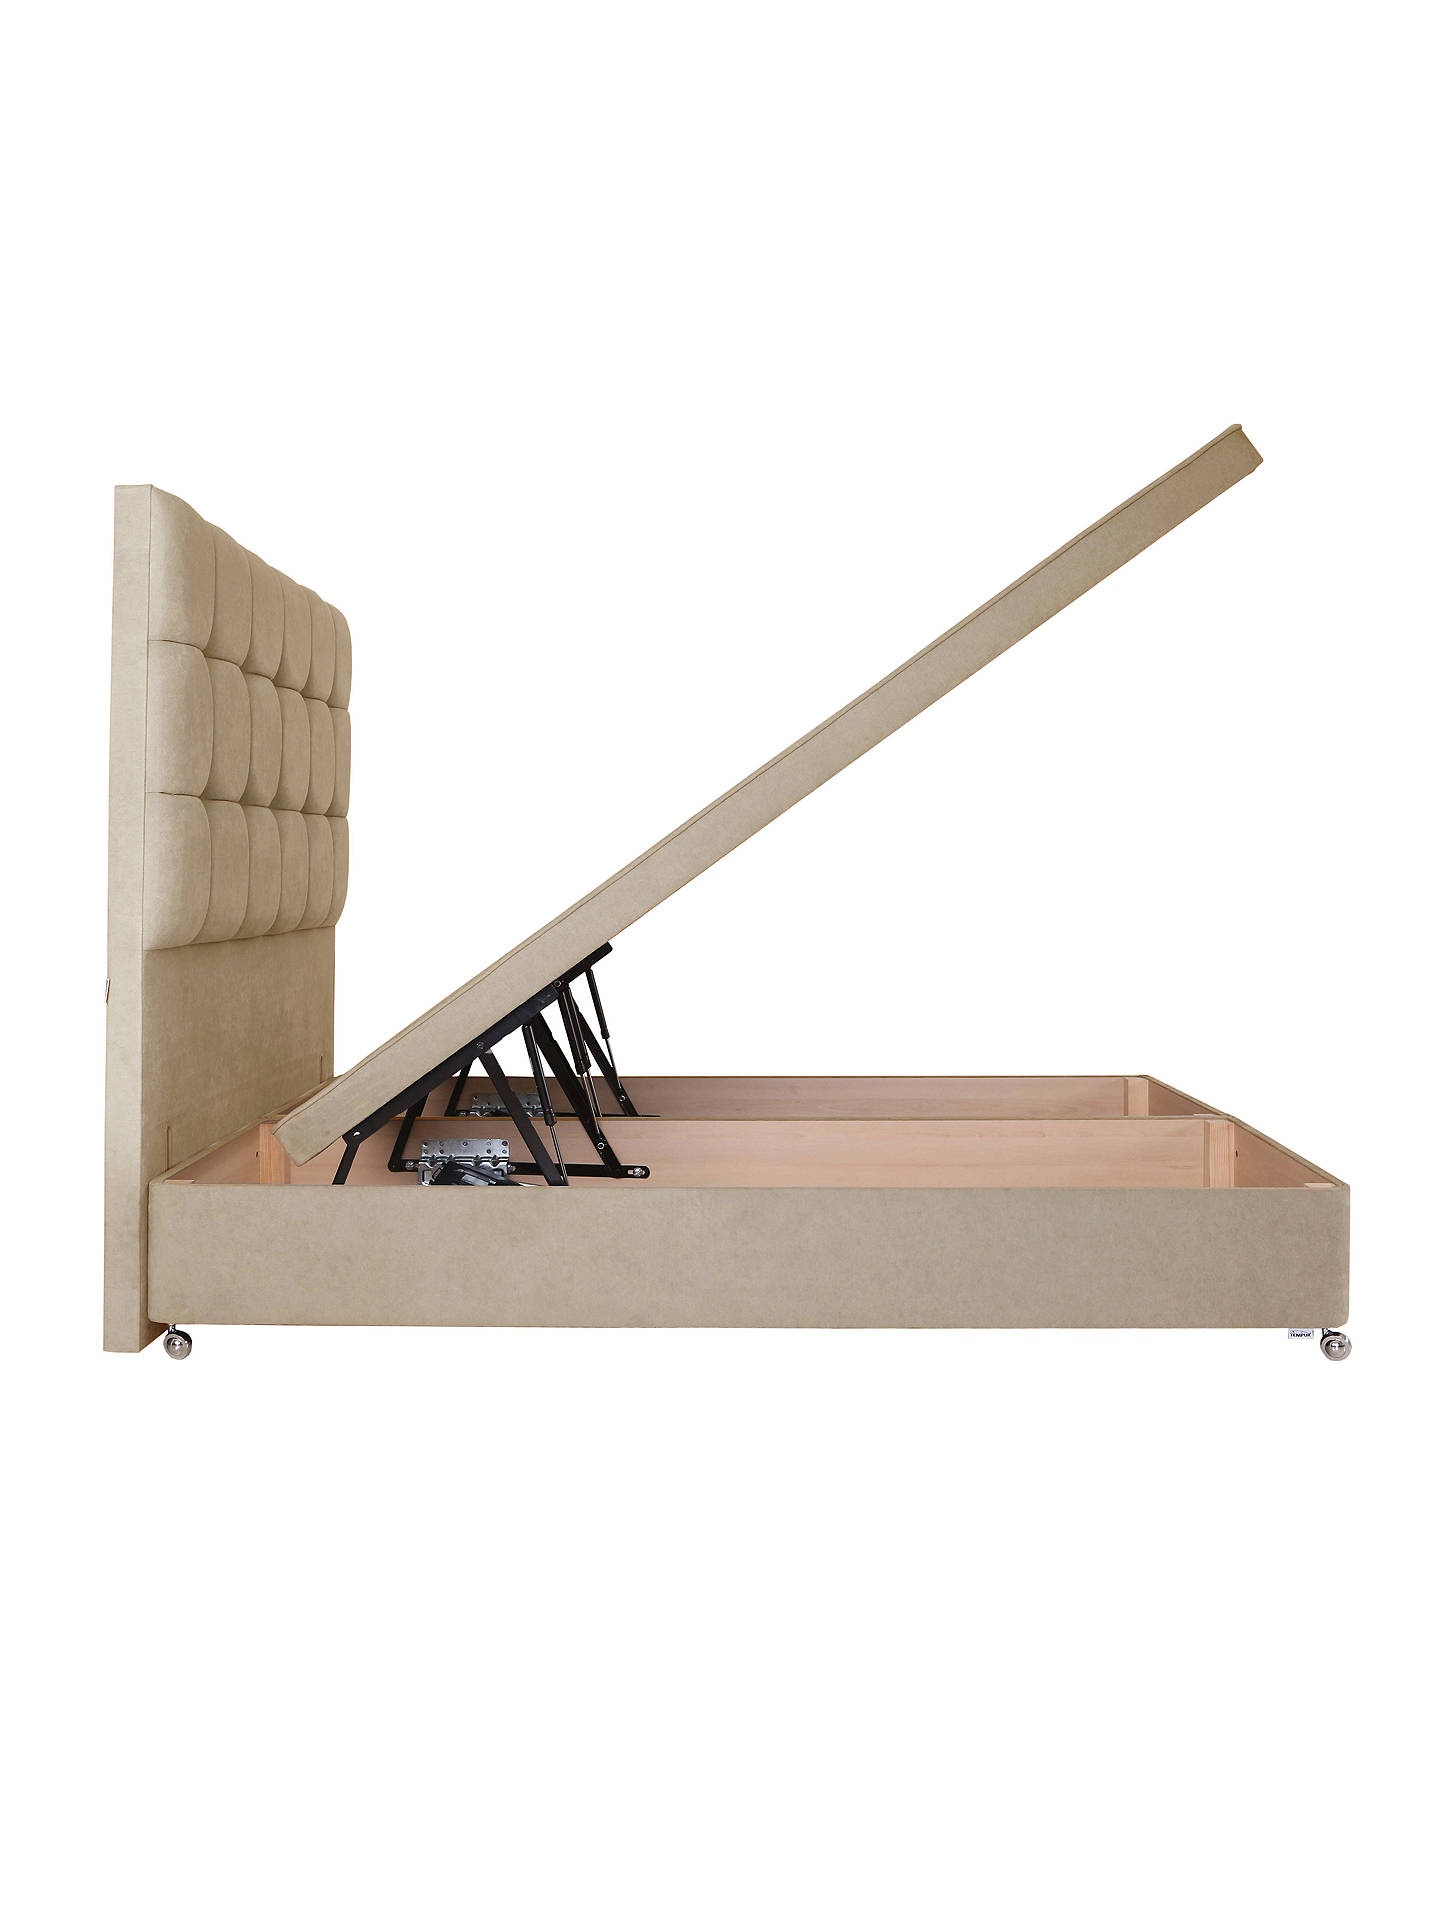 Remarkable Tempur Electric Ottoman Divan Storage Base Double Ecru Lamtechconsult Wood Chair Design Ideas Lamtechconsultcom